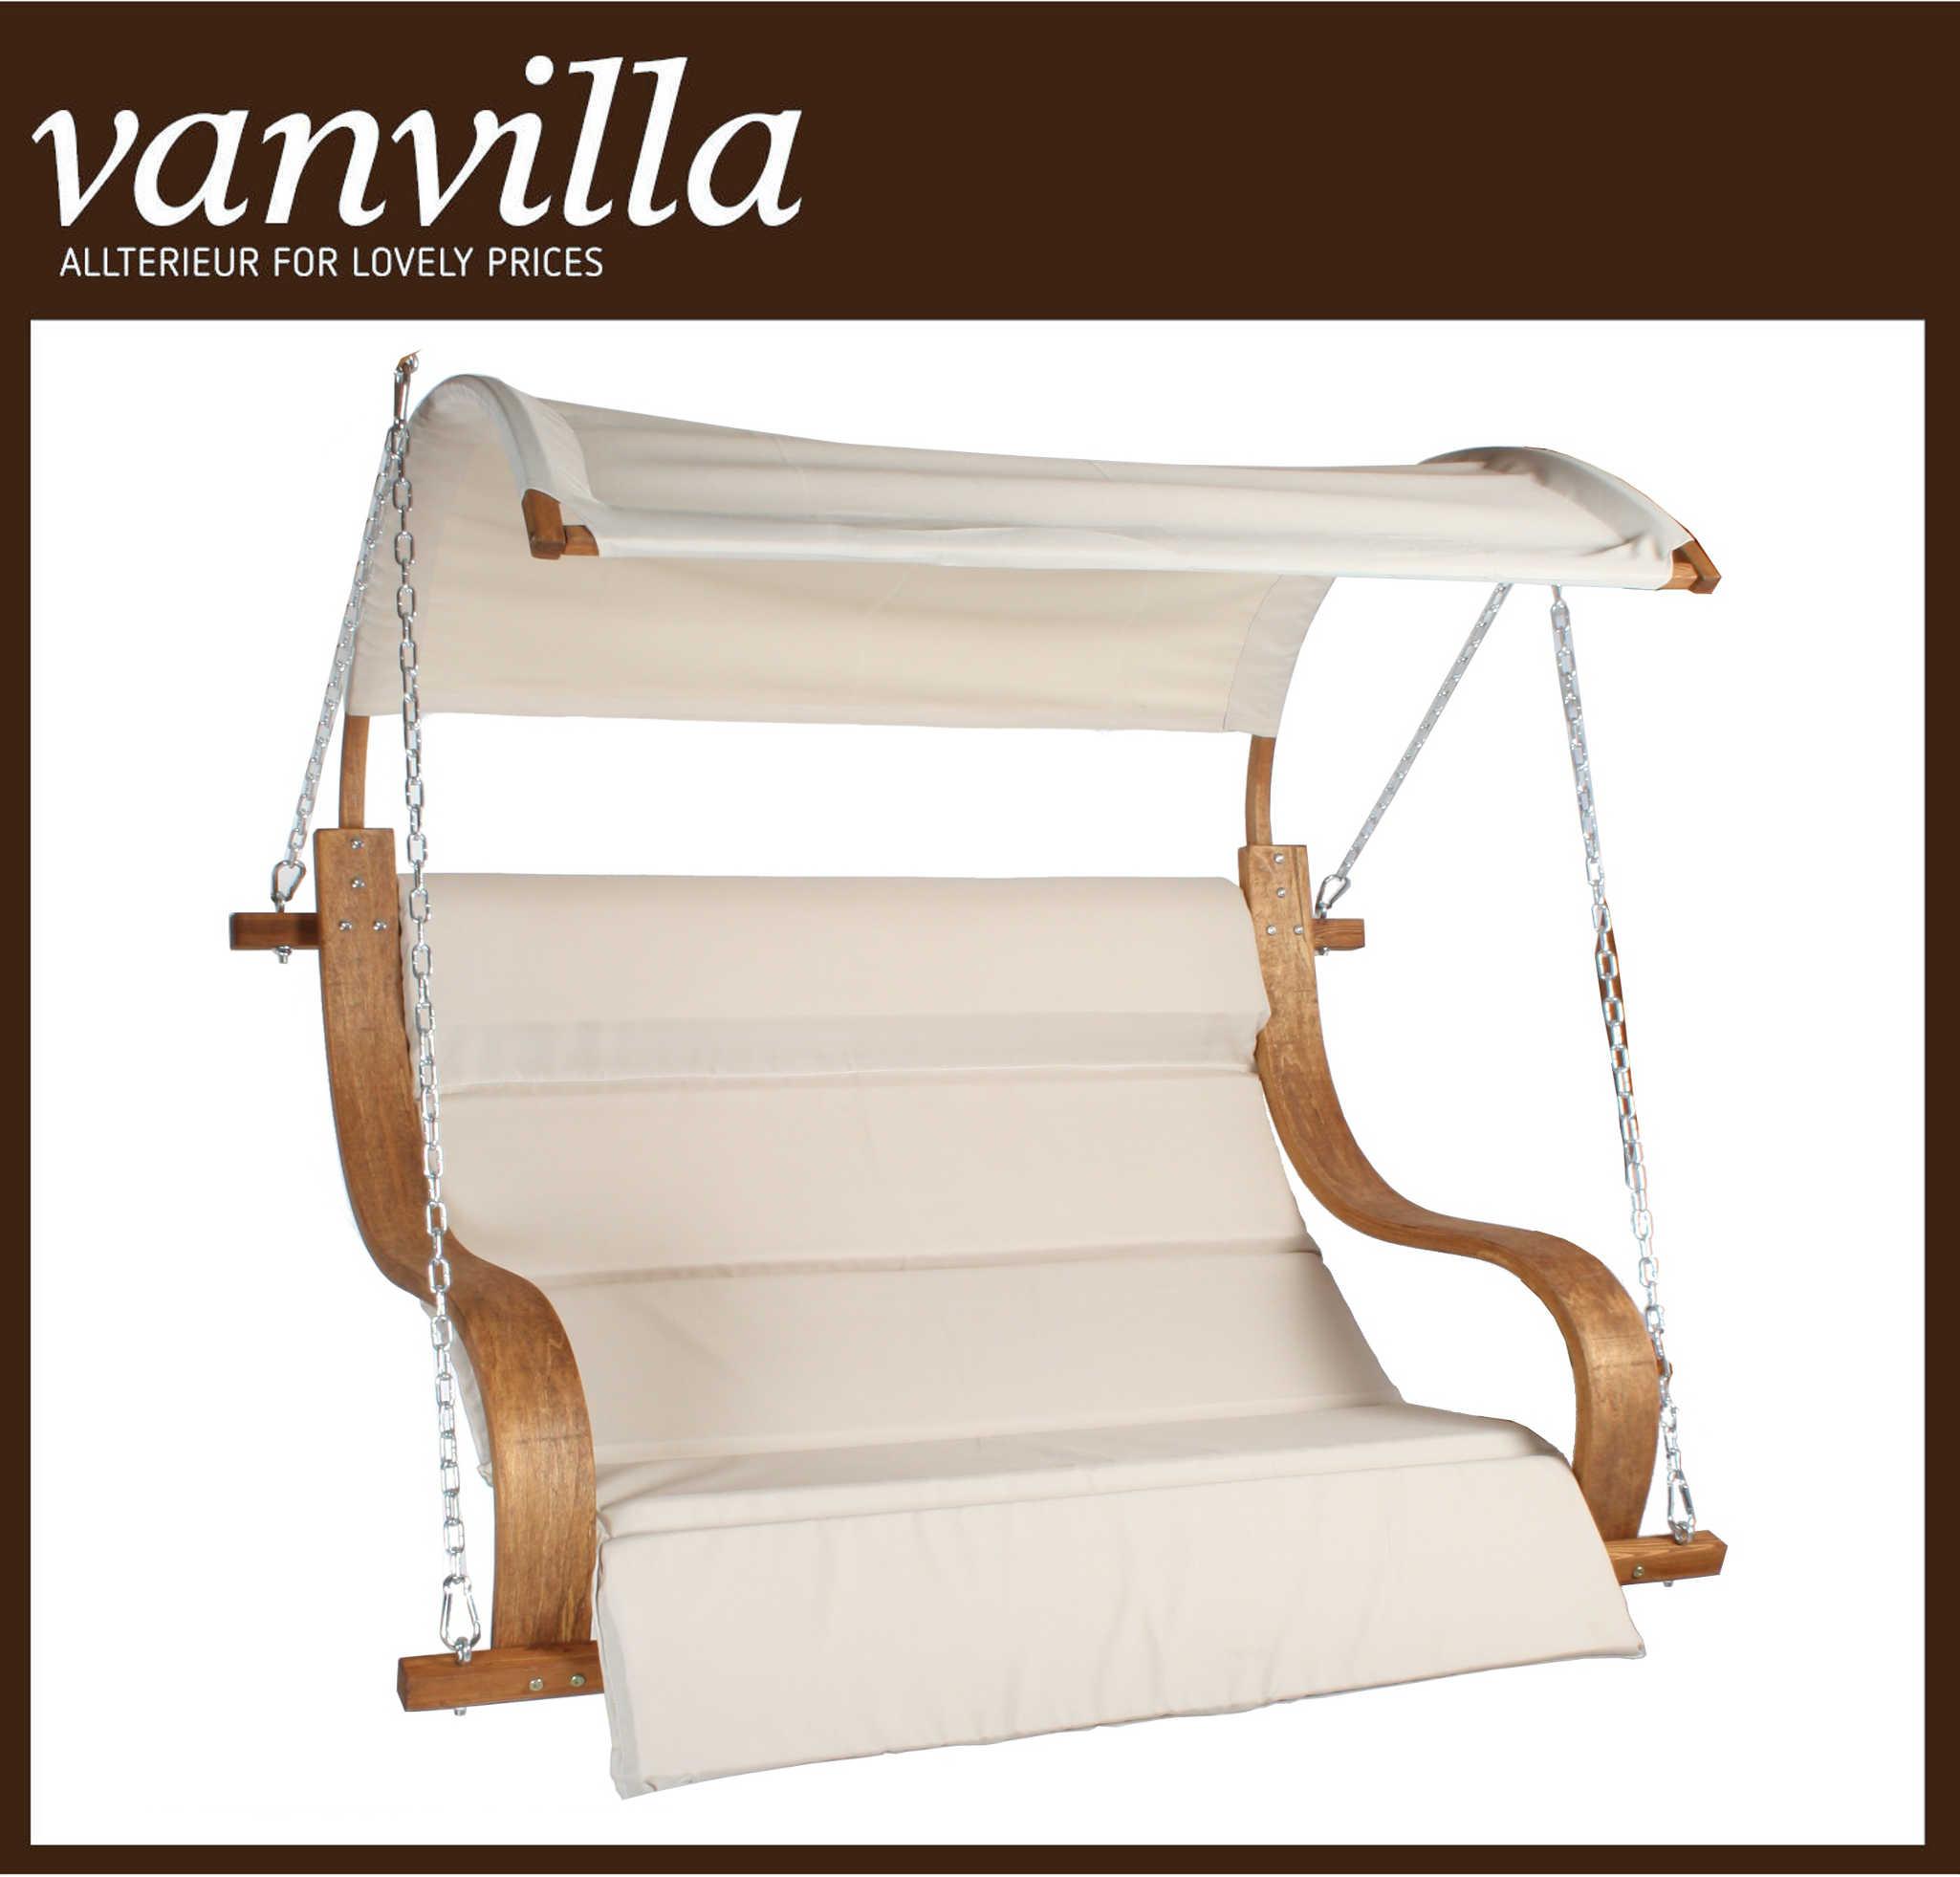 vanvilla Sessel für Hollywoodschaukel Albarella, Farbe TEAKFARBEN, Stoff Khaki